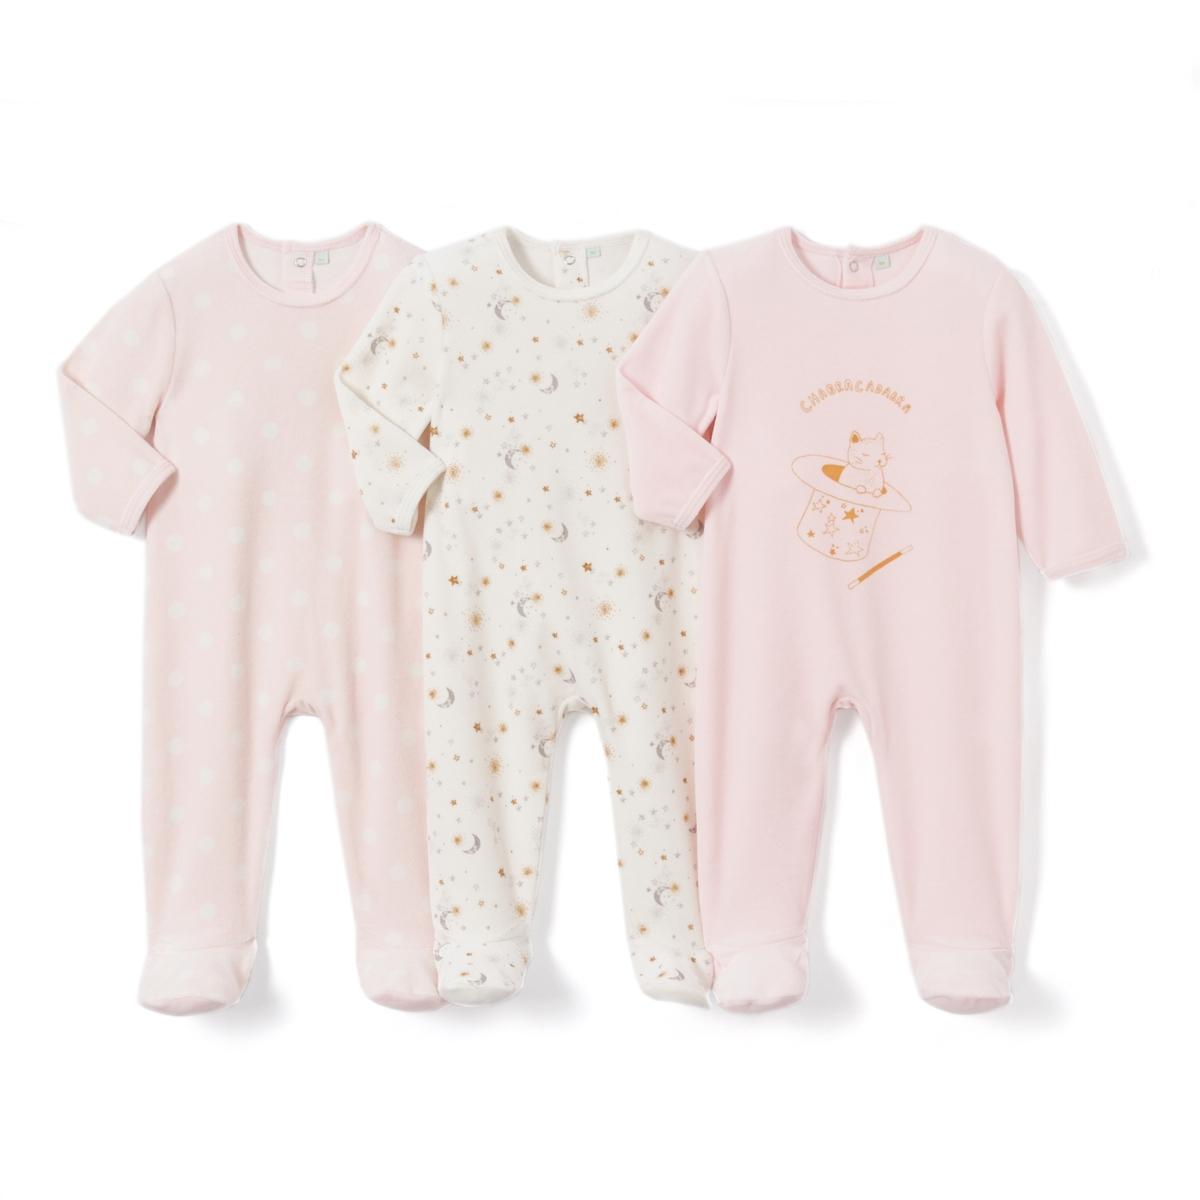 3 пижамы из велюра, 0 мес. - 3 годаПижама из велюра. В комплекте 3 пижамы : 1 пижама с рисунком в горошек + 1 пижама с рисунком звезда + 1 пижама с рисунком кролик спереди. Круглый вырез. Клапан на кнопках и застежка на кнопки сзади. Носочки с покрытием против скольжения от 12 мес. (74 см), эластичные сзади для лучшей поддержки. Товарный знак Oeko-Tex® . Знак Oeko-Tex® гарантирует, что товары прошли проверку и были изготовлены без применения вредных для здоровья человека веществ.Верх пижамы без этикетки, чтобы избежать зуда кожи малыша. Знак Oeko-Tex*.    Состав и описание :  Материал: велюр, 75% хлопка, 25% полиэстера. Уход : Машинная стирка при 30 °C на умеренном режиме с вещами схожих цветов. Стирать, сушить и гладить с изнаночной стороны. Машинная сушка на умеренном режиме. Гладить при низкой температуре.  * Международный знак Oeko-tex гарантирует отсутствие вредных или раздражающих кожу веществ.<br><br>Цвет: розовый + экрю<br>Размер: 0 мес. - 50 см.3 года - 94 см.9 мес. - 71 см.6 мес. - 67 см.3 мес. - 60 см.1 мес. - 54 см.2 года - 86 см.18 мес. - 81 см.1 год - 74 см